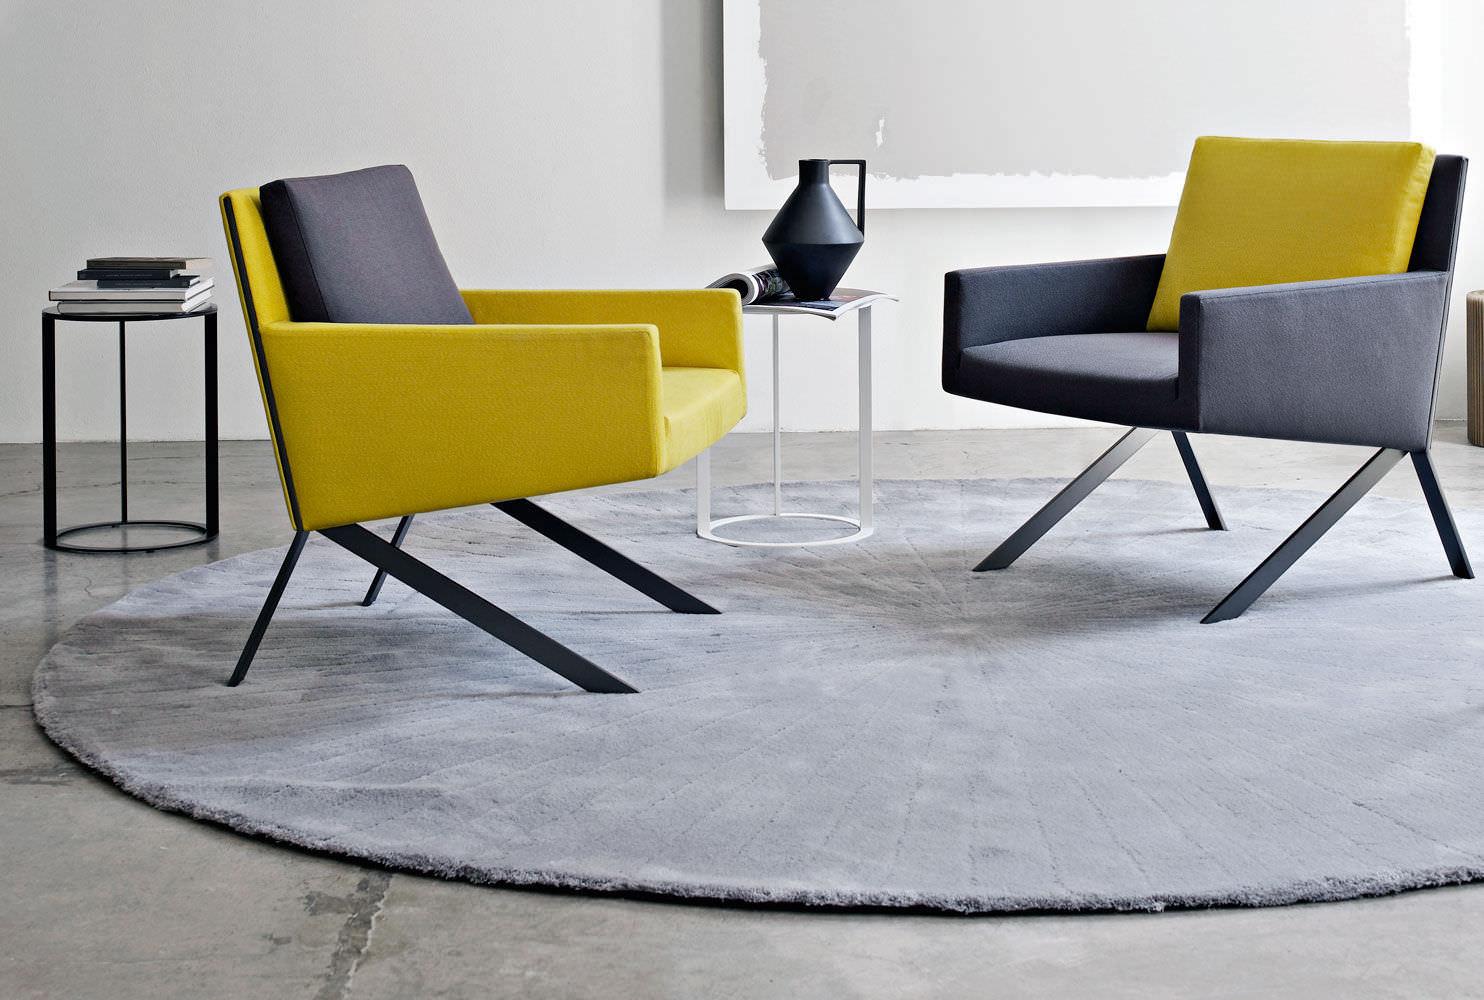 Teppich rund 300 cm  Moderne Teppich / uni / Neuseeland Wolle / Rund - CRATIS by CR&S ...